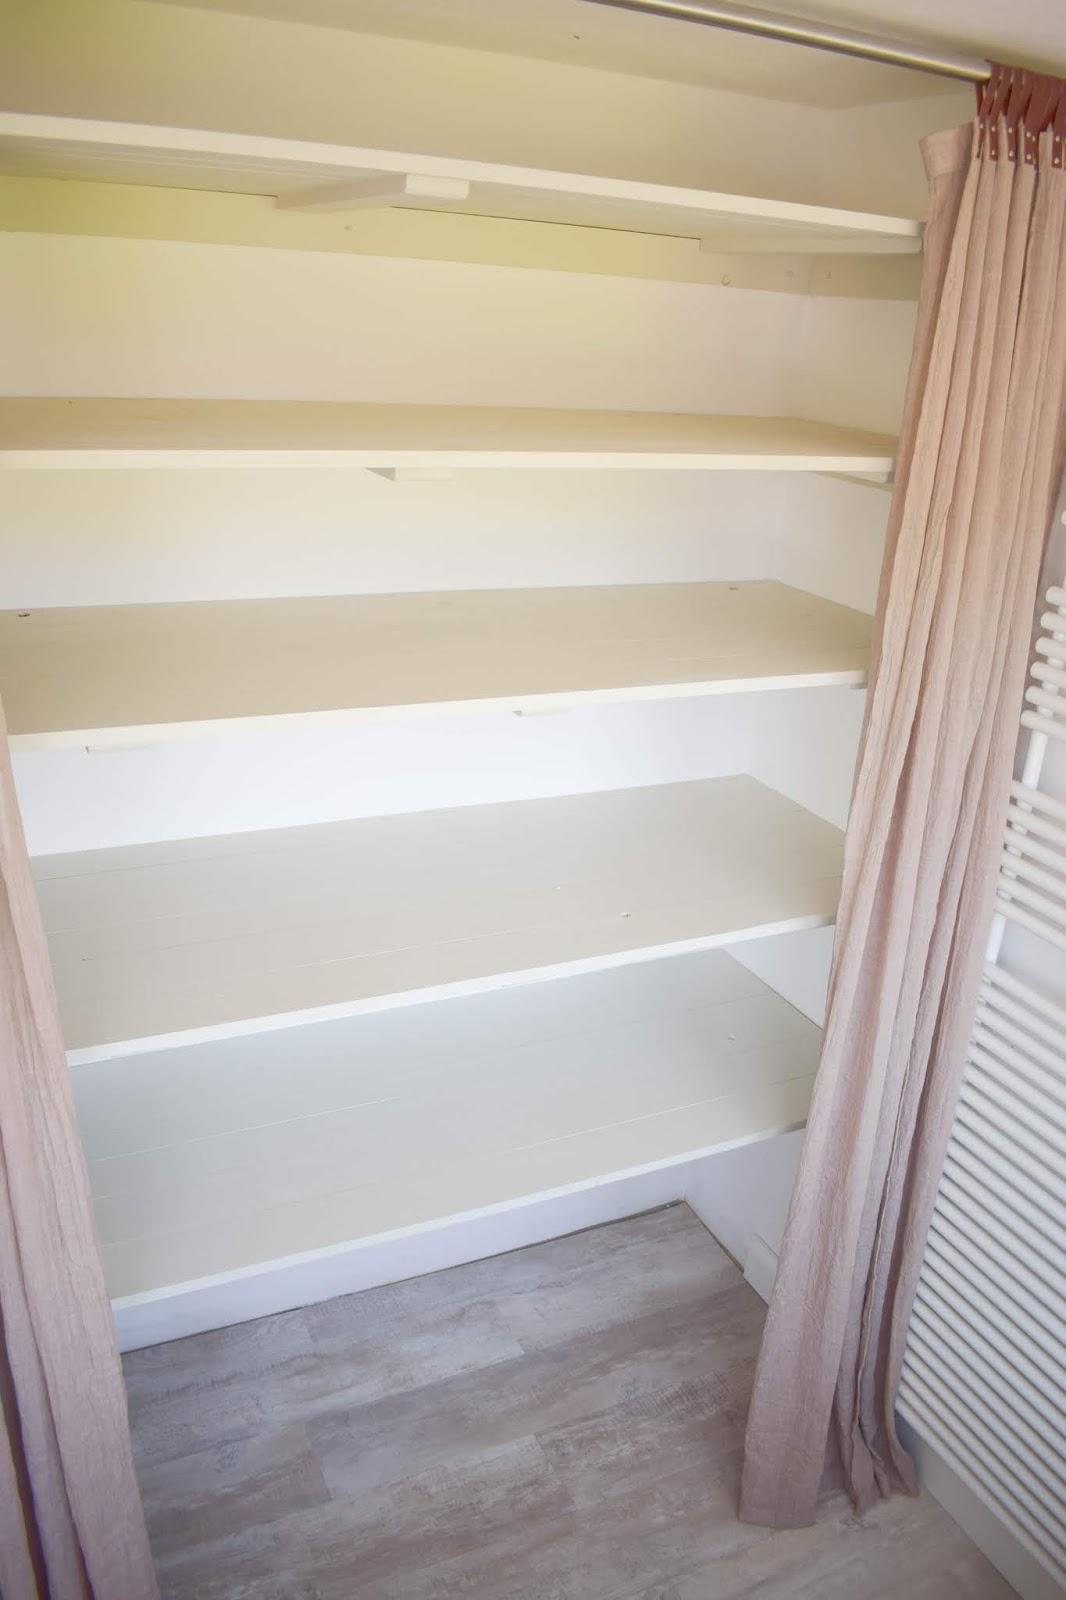 kreidefarbe nicht nur f r m bel sondern auch f r w nde meine erfahrungen eclectic hamilton. Black Bedroom Furniture Sets. Home Design Ideas